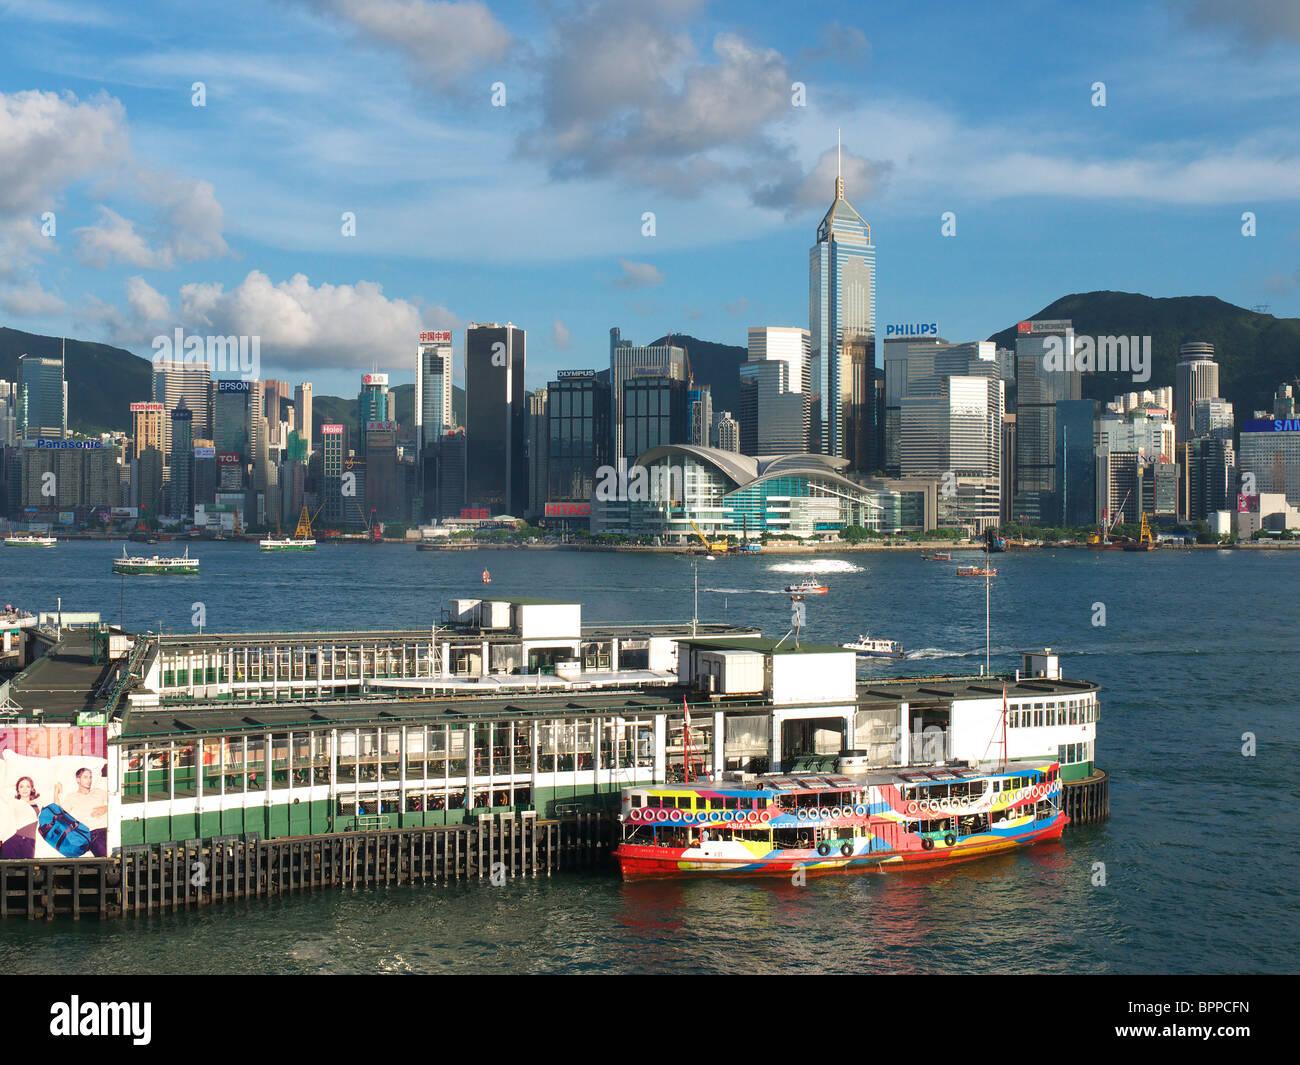 The Star Ferry terminal at 'Tsim Sha Tsui' Kowloon Hong Kong - Stock Image